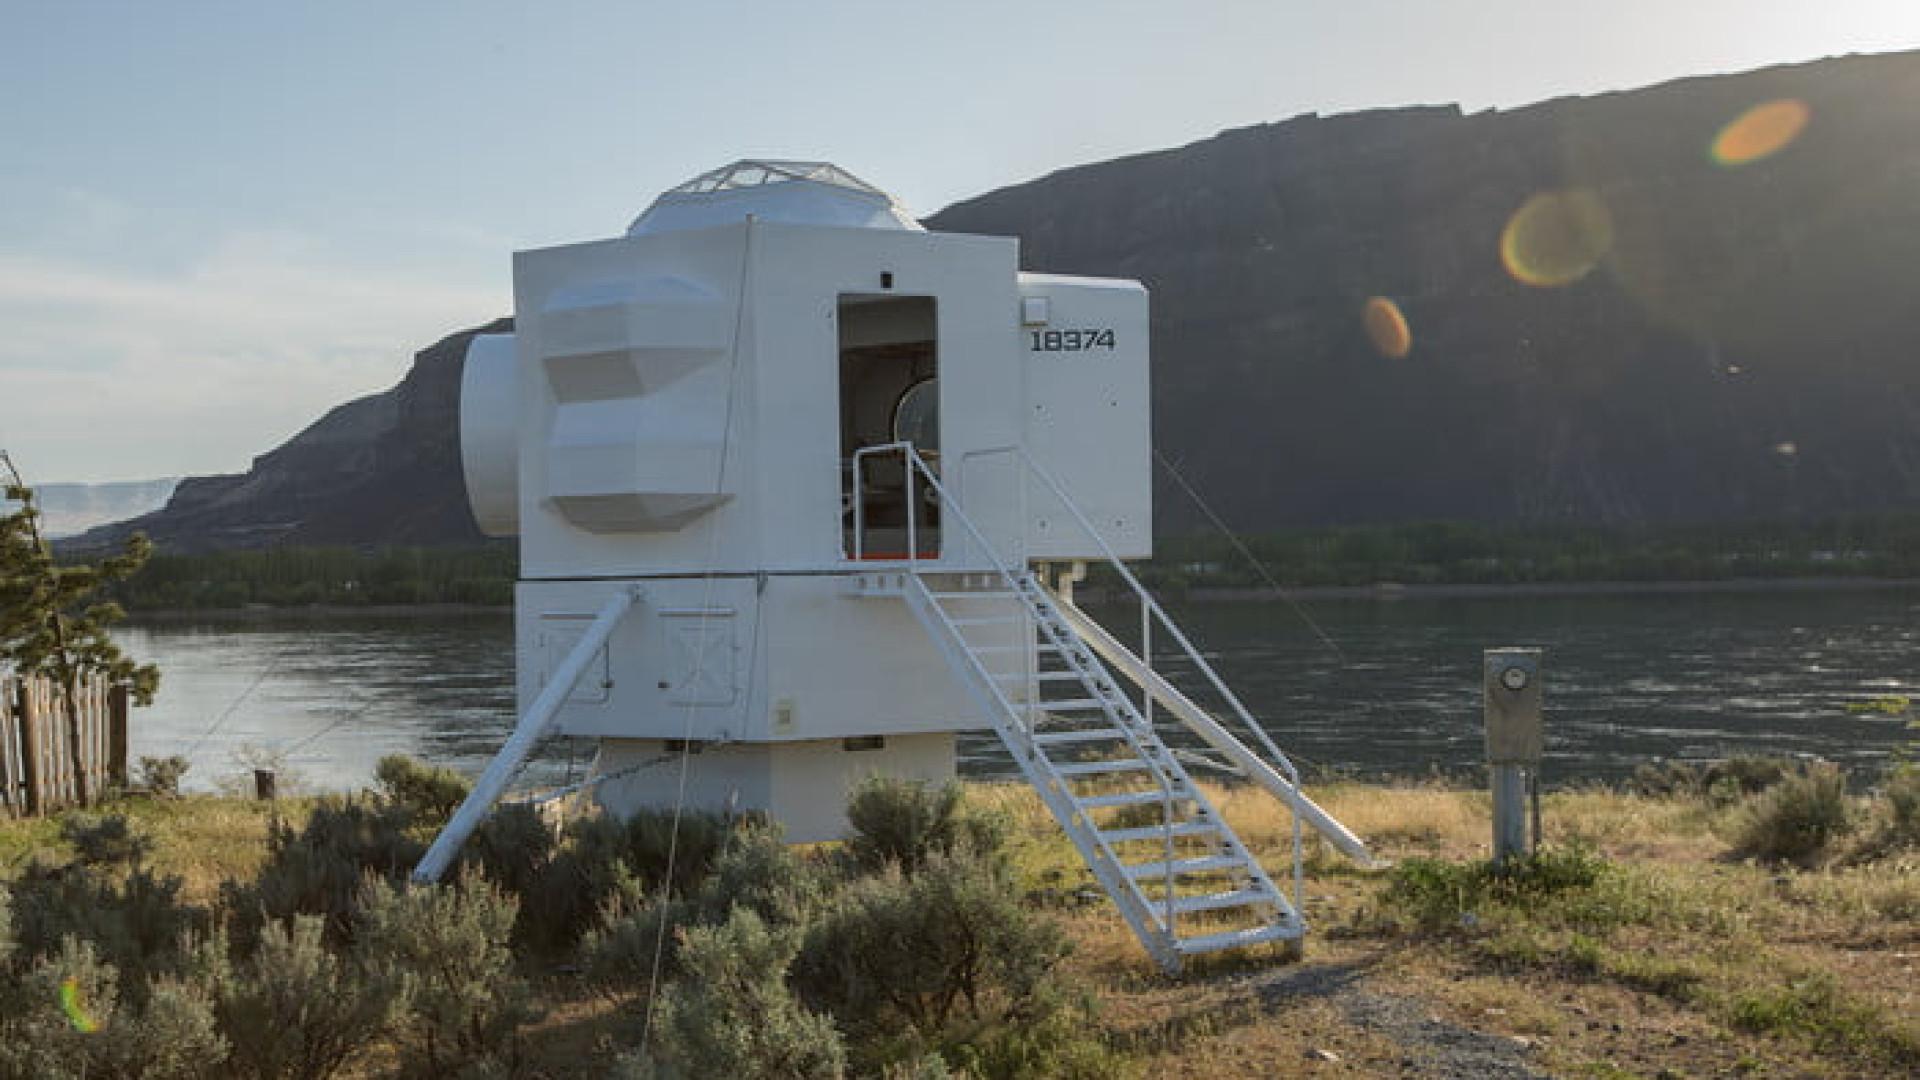 Casa inspirada na ida à Lua é perfeita para os aficionados do Espaço